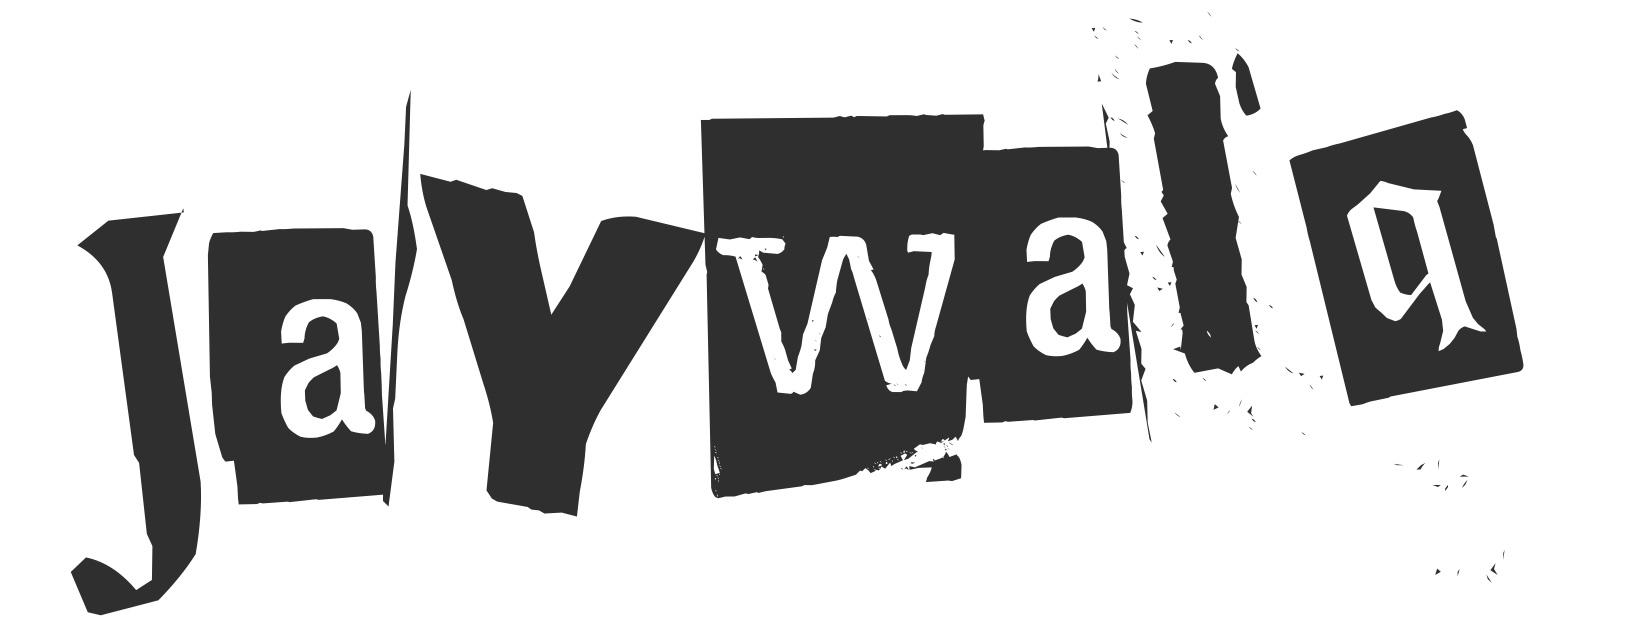 Jaywalq - Logo